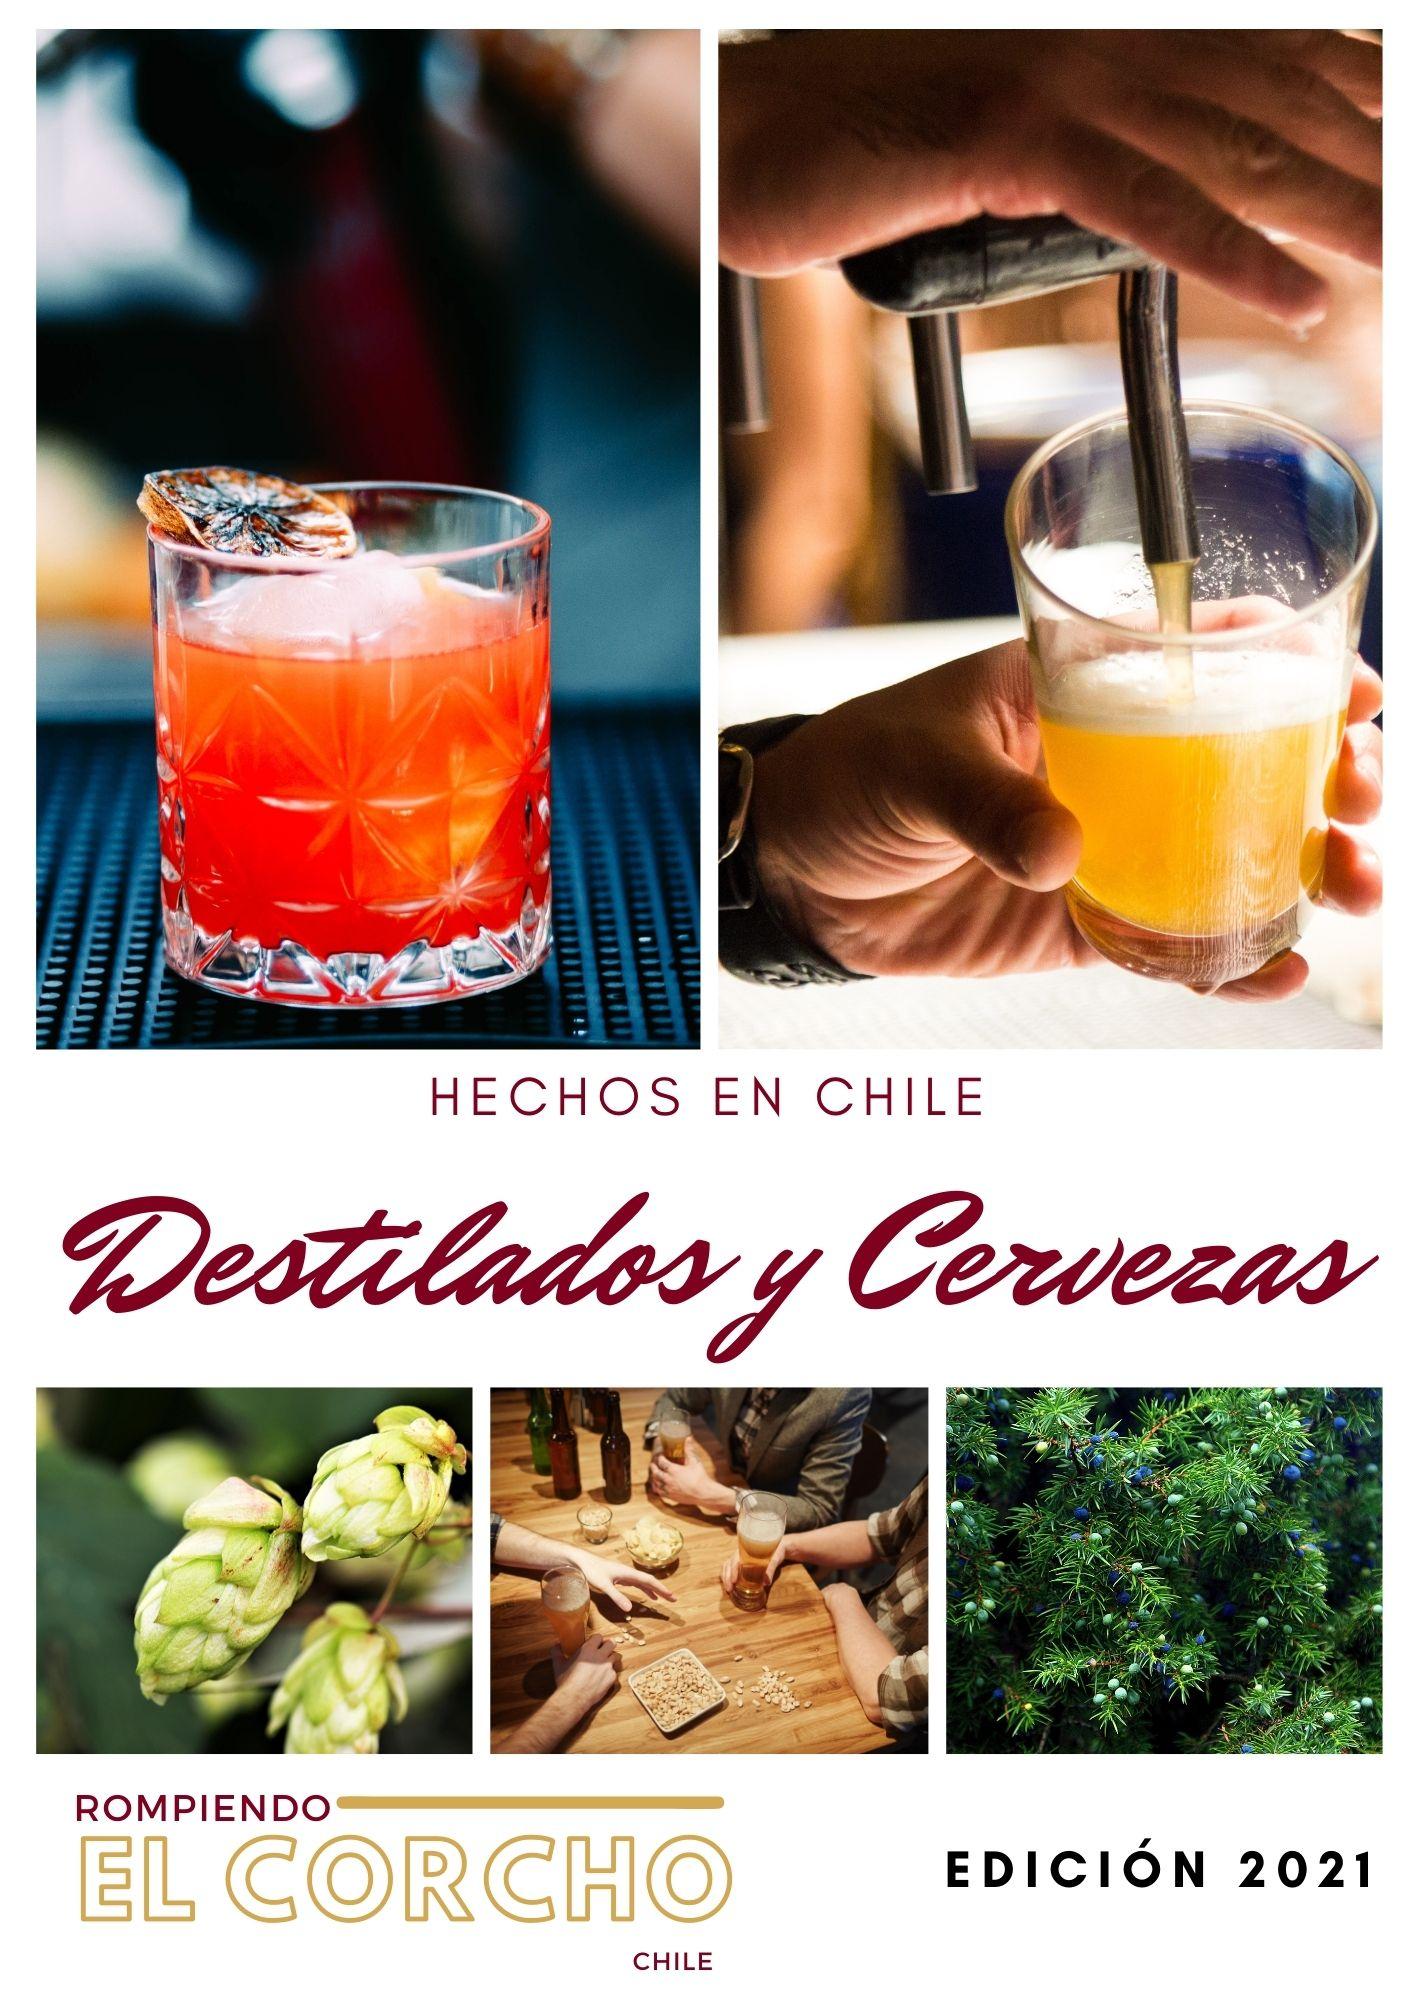 Especial: Hechos en Chile, Destilados & Cervezas